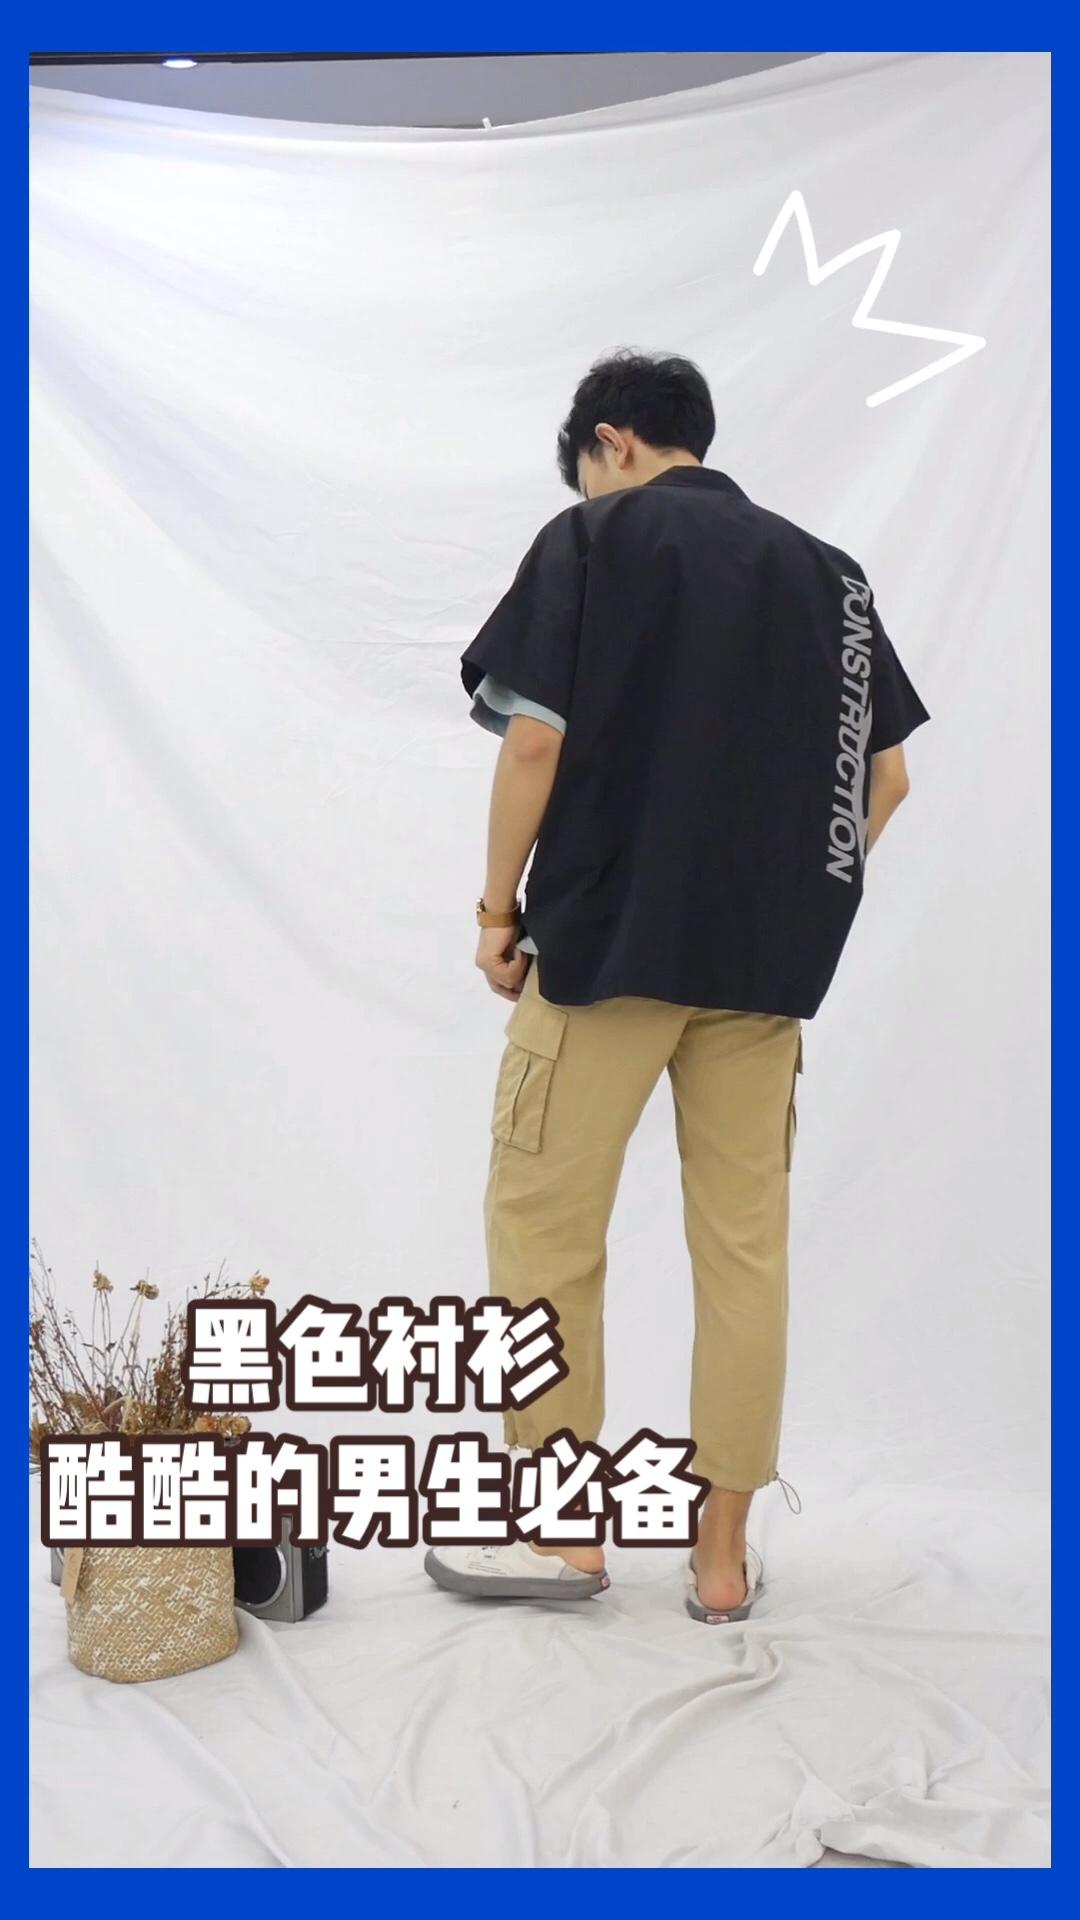 #九头身好比例全靠穿!# 高腰束口裤太显身材 搭配宽松的上衣外套 简单舒服的黑色比较百搭一点 内搭绿色短袖也是很nice的 裤子的抽绳设计比较独特 好要显腿长很明显 爱了